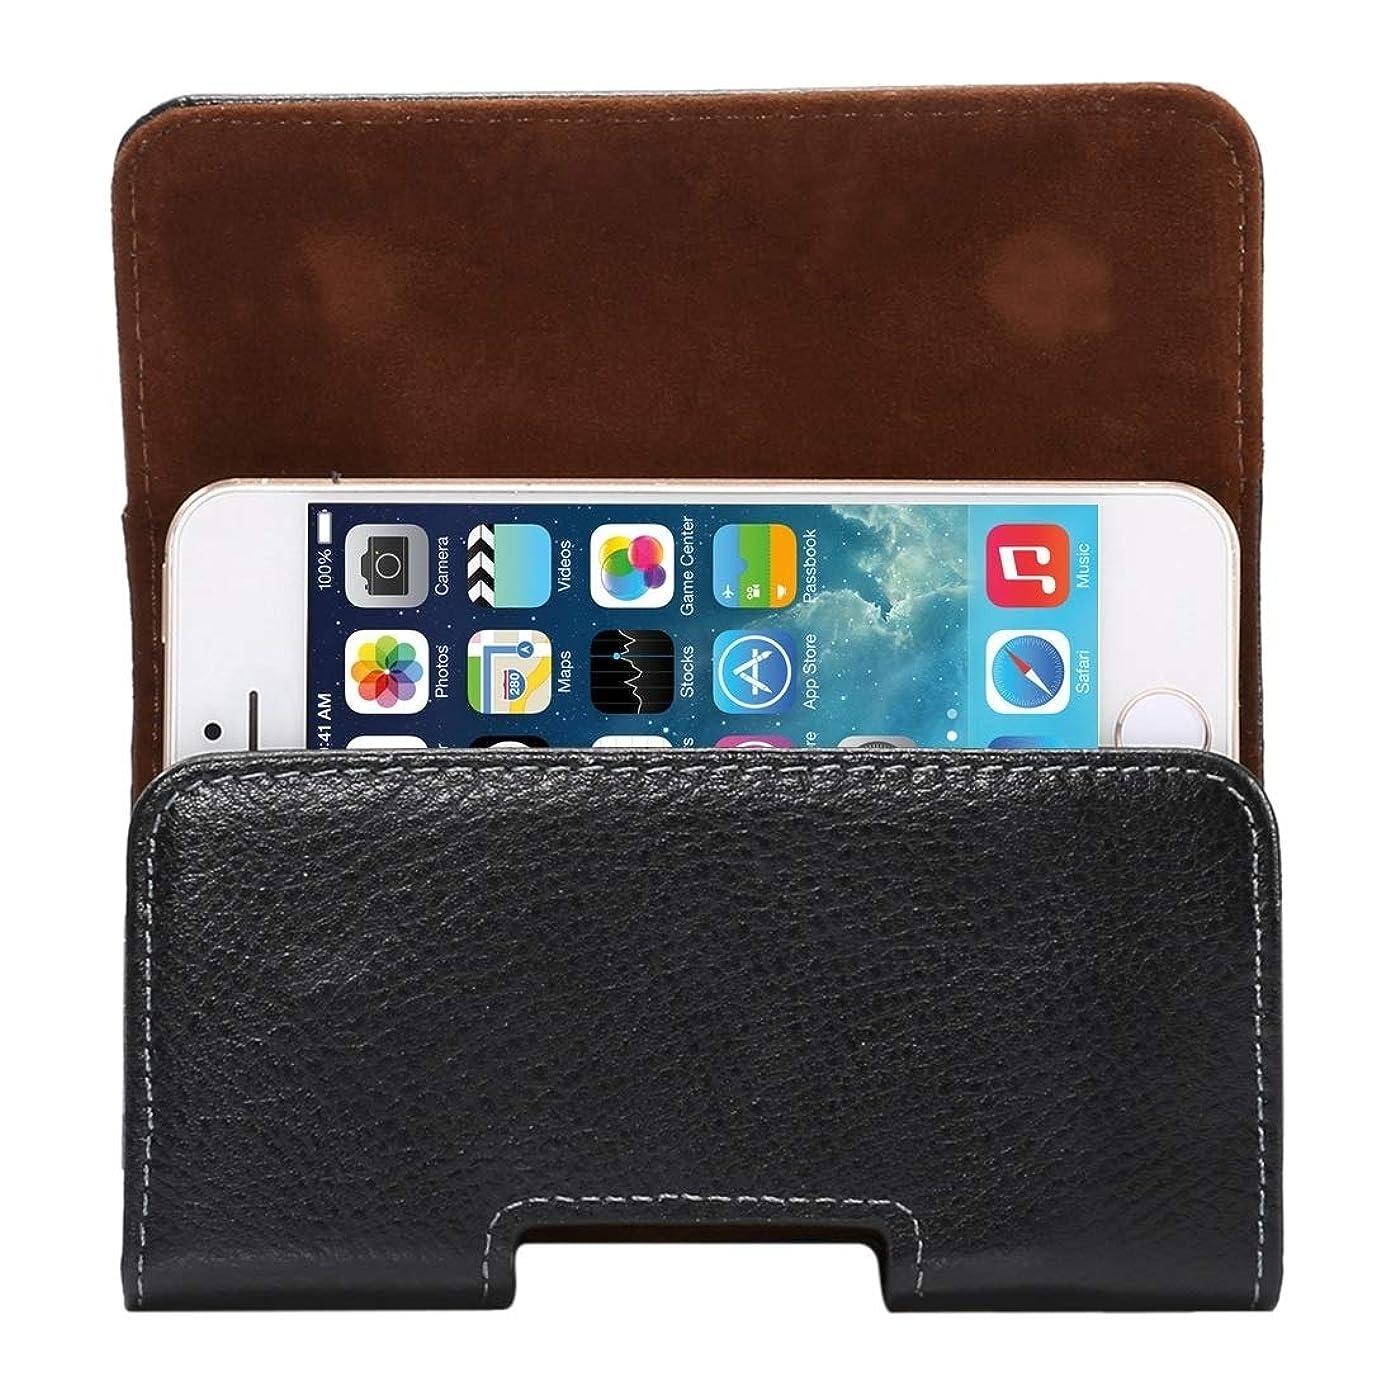 私自信があるいわゆるIPhone SE&5s&5&4Sなどの回転可能なバックスプリント付きの良い4インチLitchiテクスチャ垂直フリップThwartwise本革ケース/ウエストバッグなど Yikaja